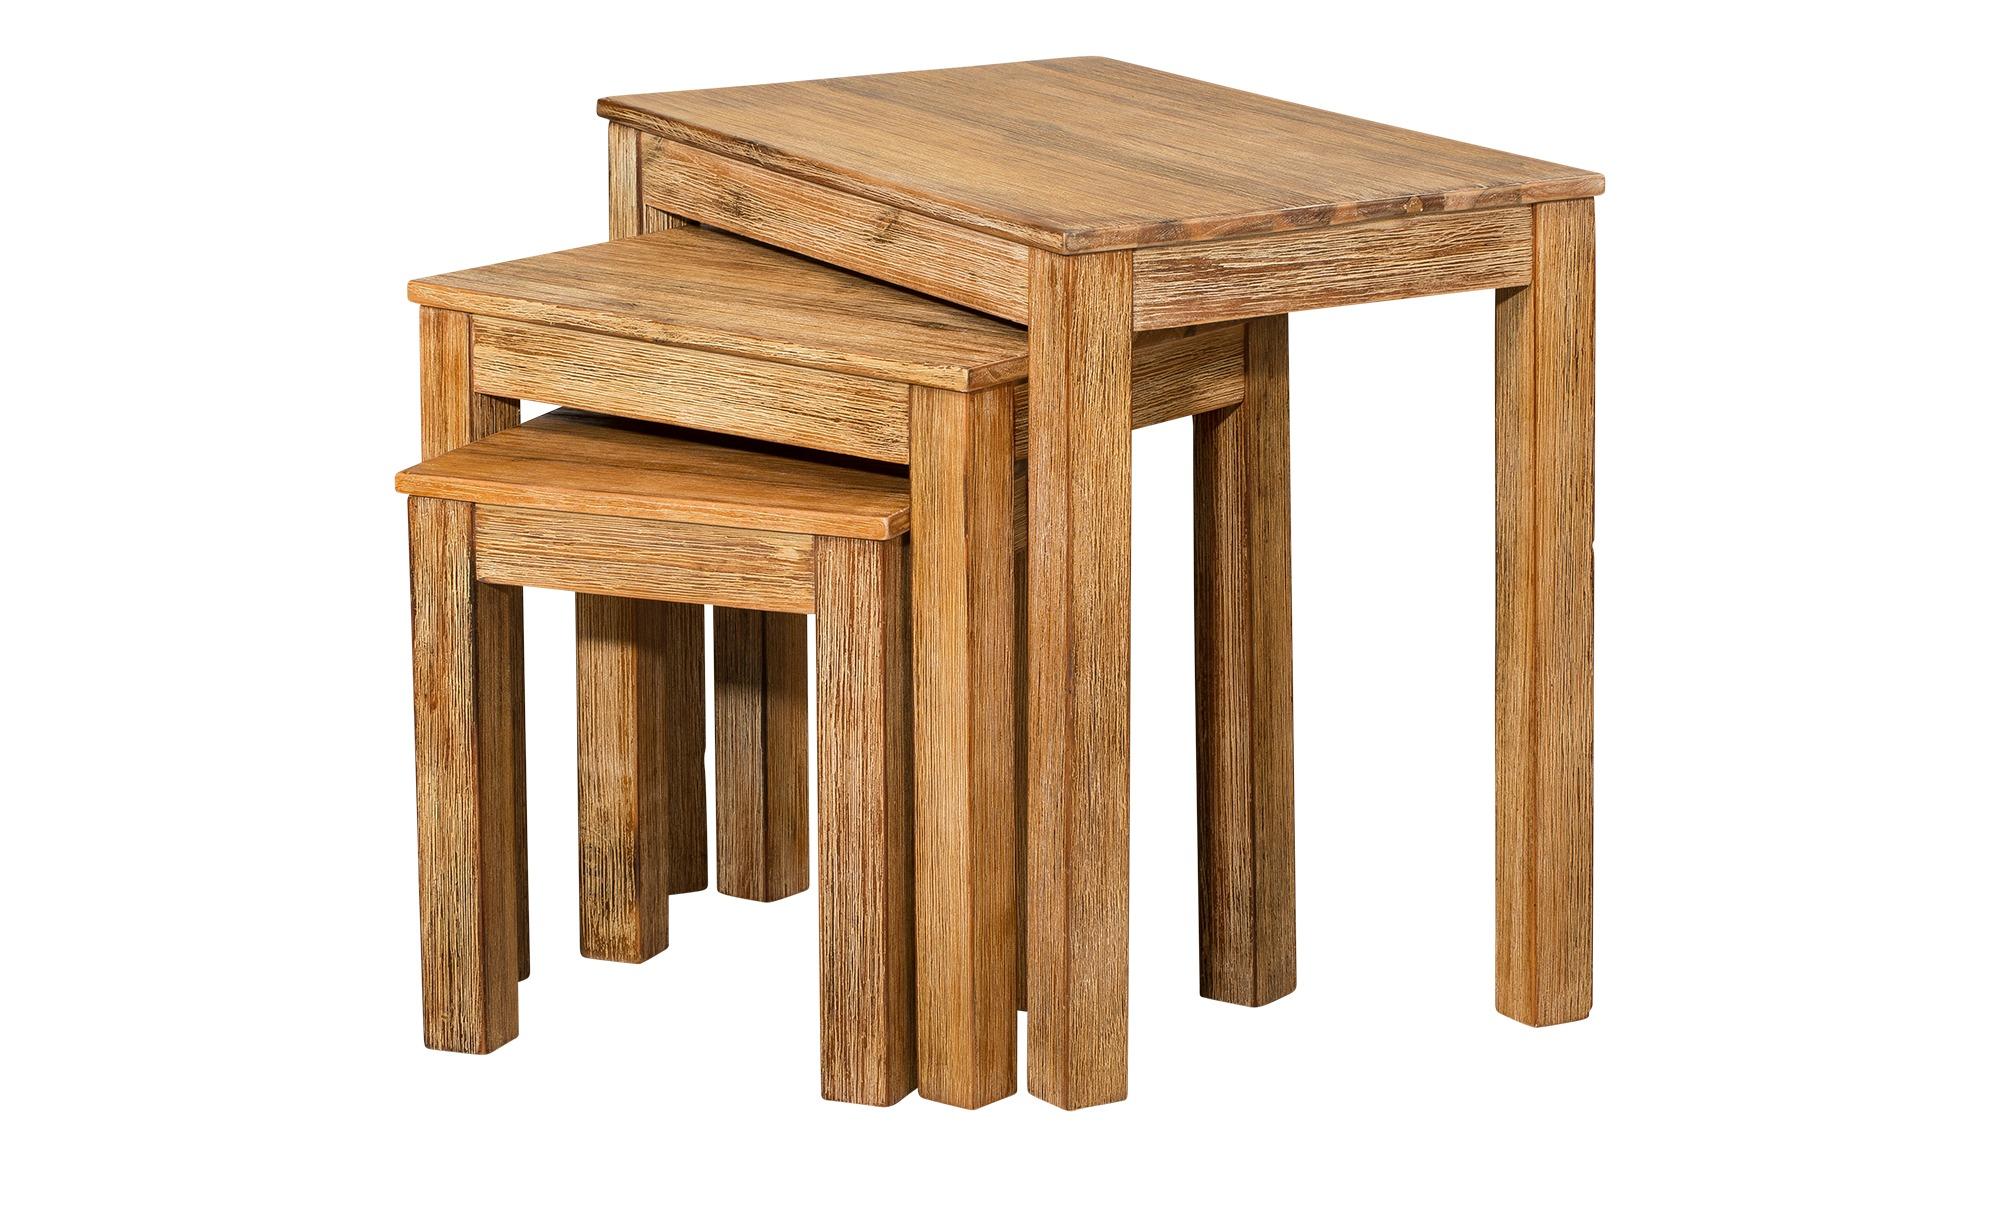 Beistelltisch 3er Set Holz Trebosco Gefunden Bei Mobel Hoffner Beistelltisch Hoher Beistelltisch Beistelltische Set